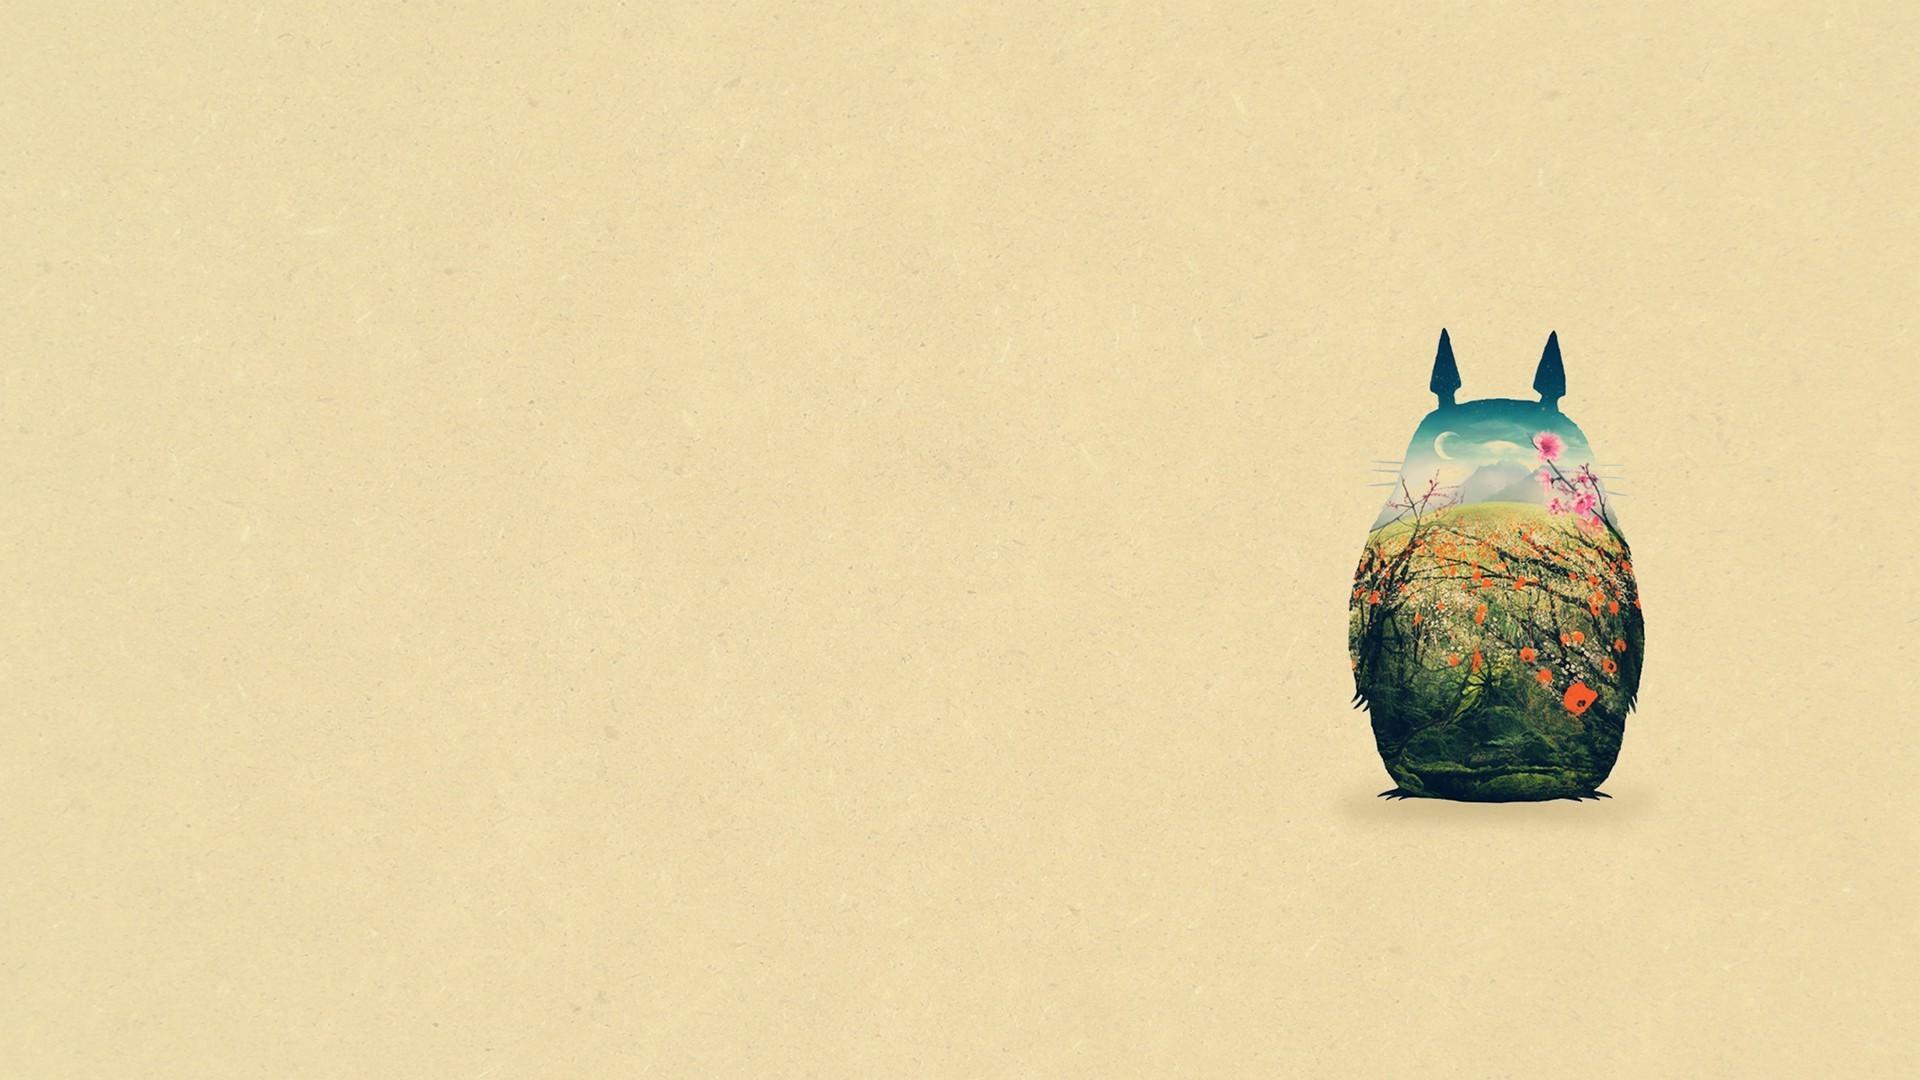 Fall Desktop Wallpaper Hd Totoro Backgrounds Free Download Pixelstalk Net